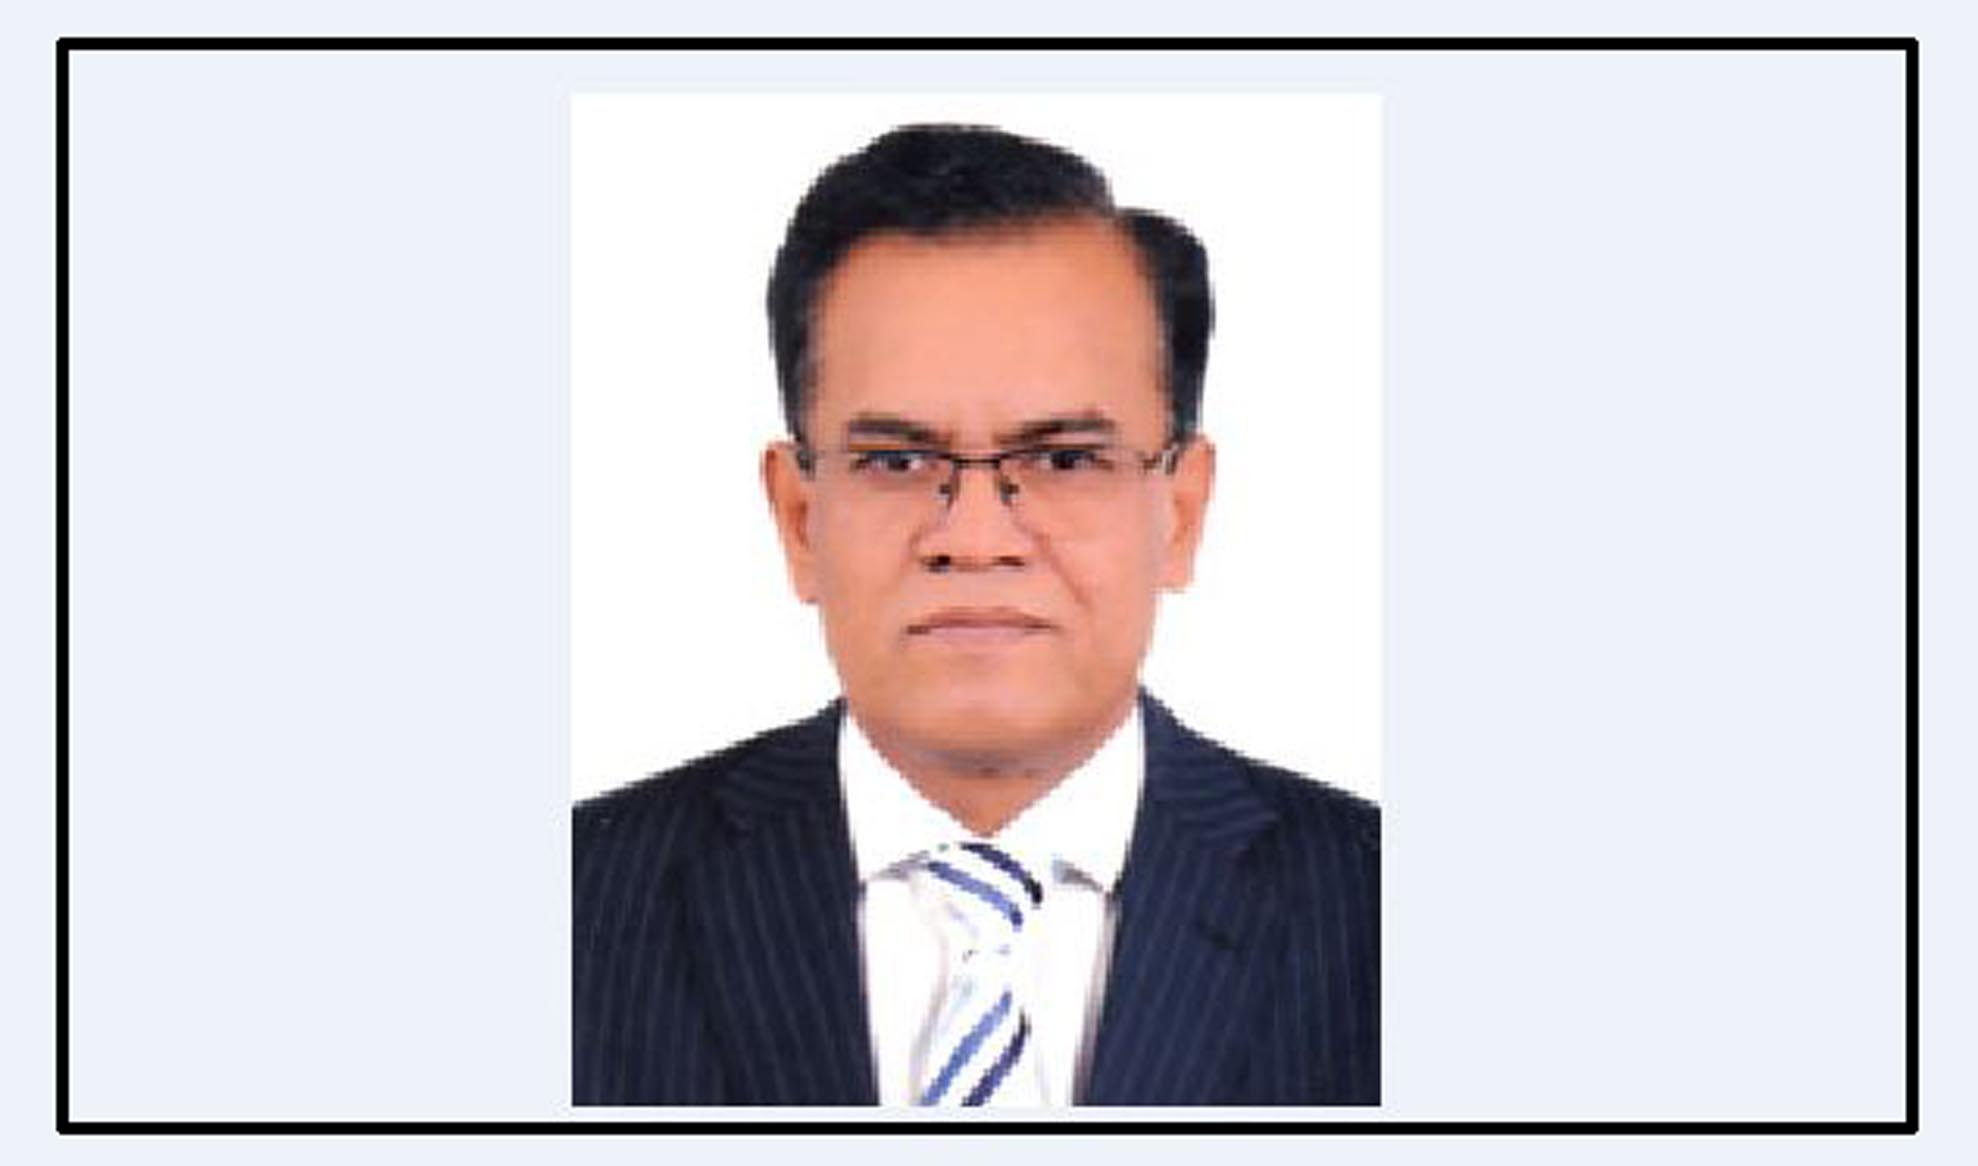 বরিশালের নতুন বিভাগীয় কমিশনার সাইফুল হাসান বাদল